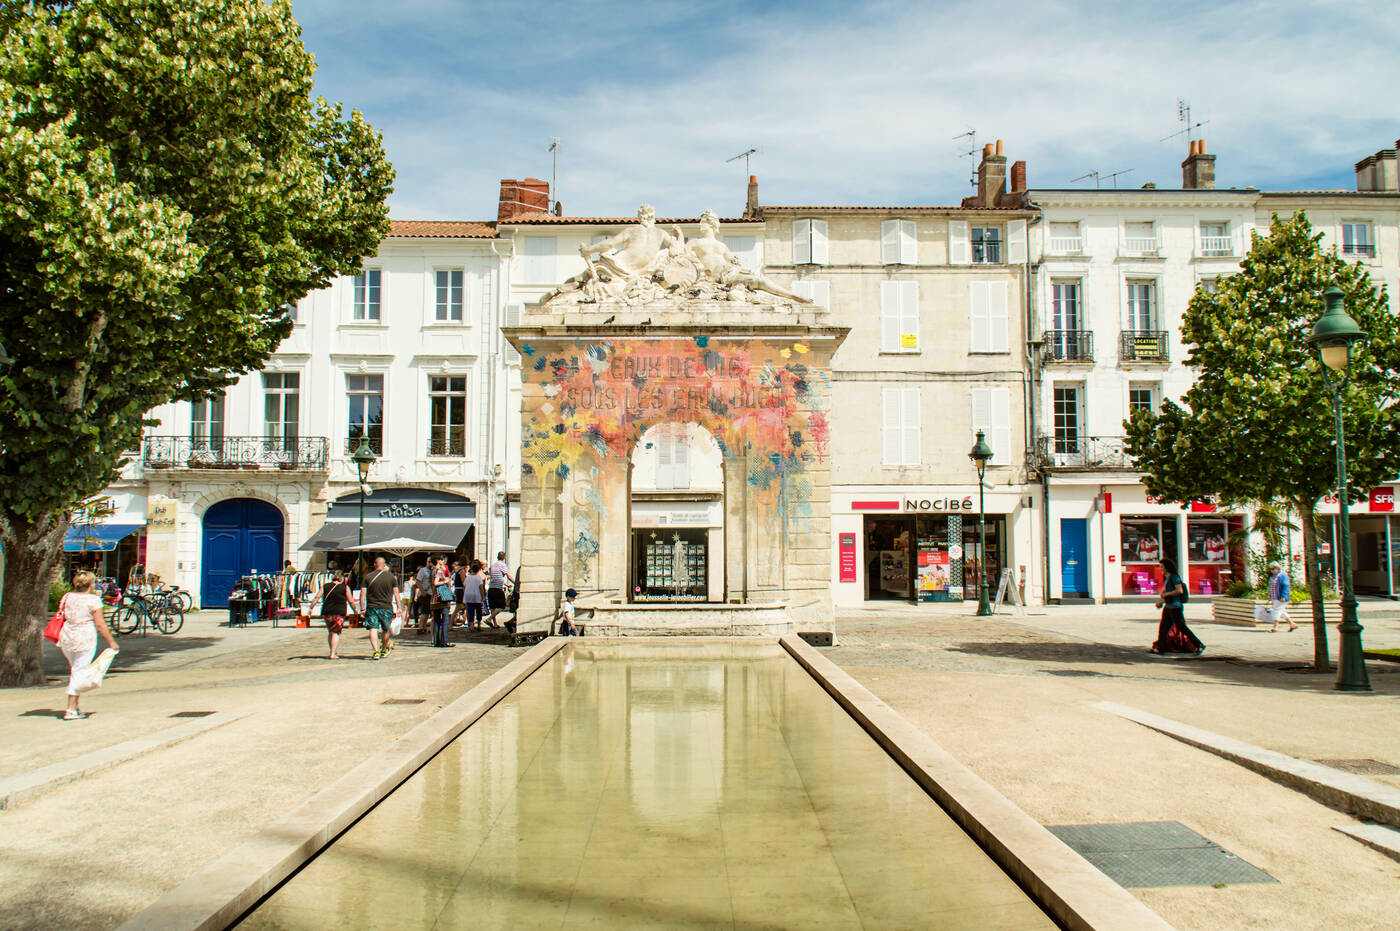 Rochefort la carte office de tourisme de rochefort oc an vacances rochefort fouras le - Office du tourisme de rochefort ...